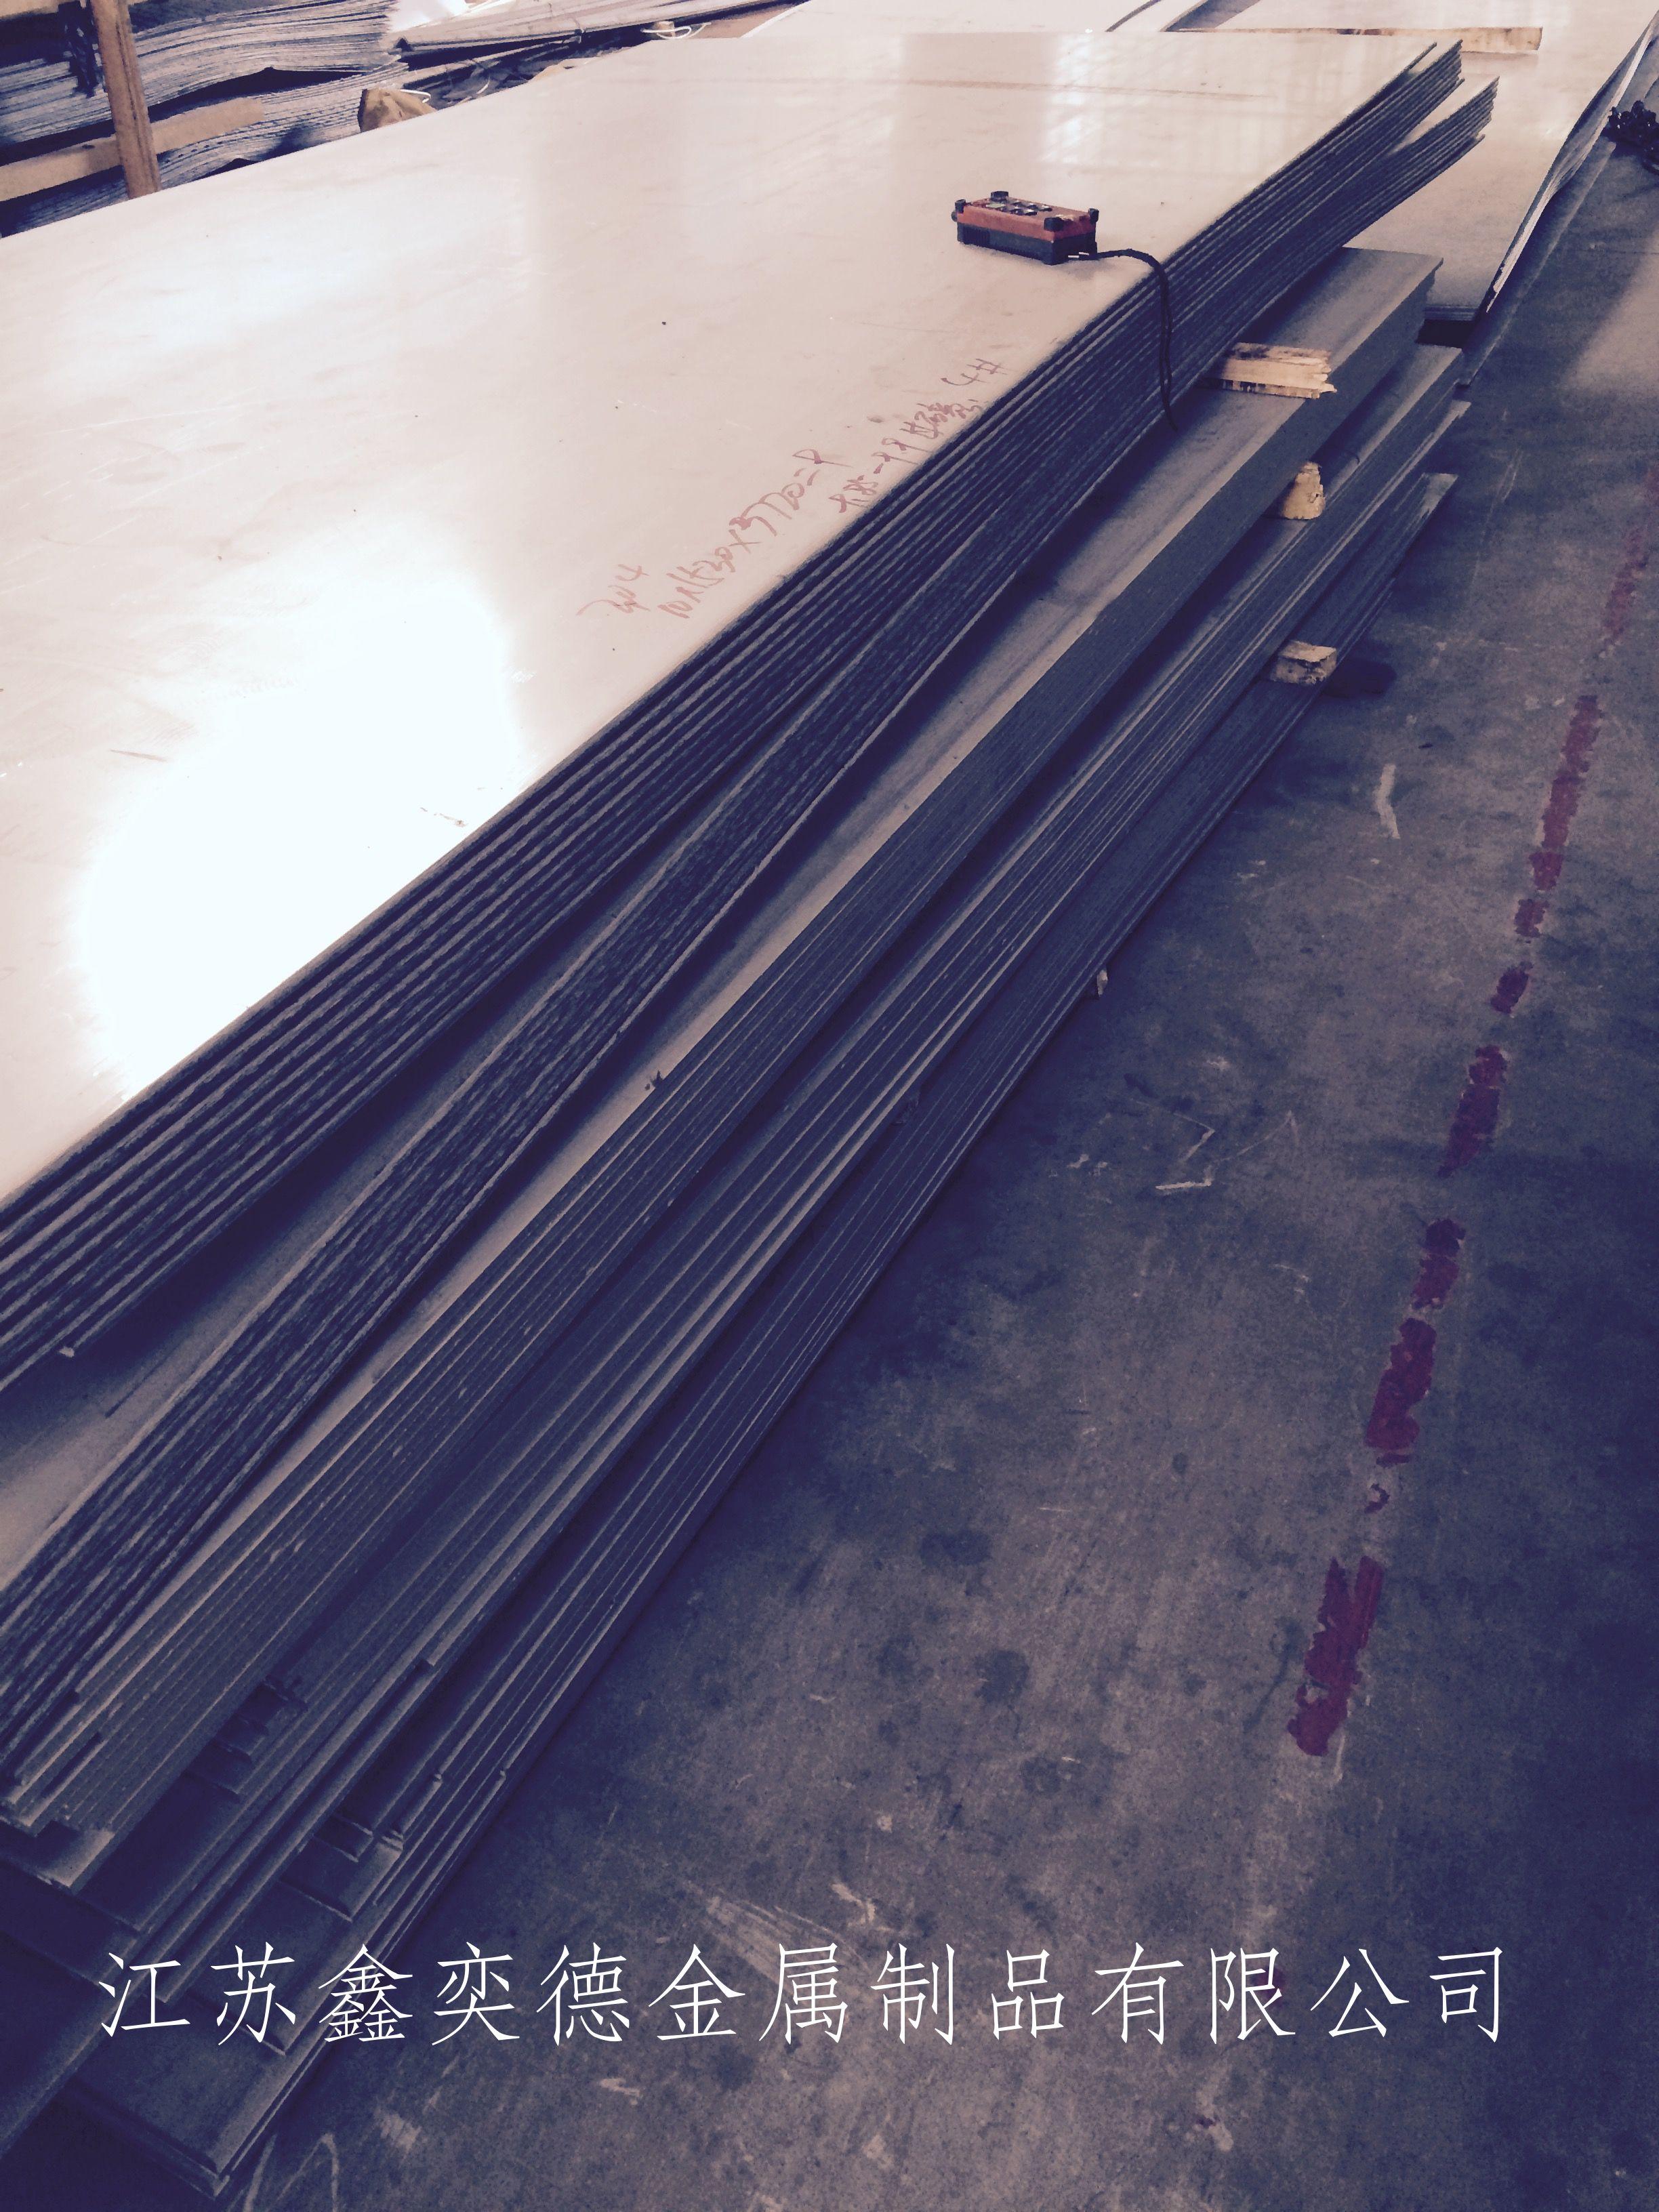 耐高温316L不锈钢板 304不锈钢板拉丝镜面抛光贴膜